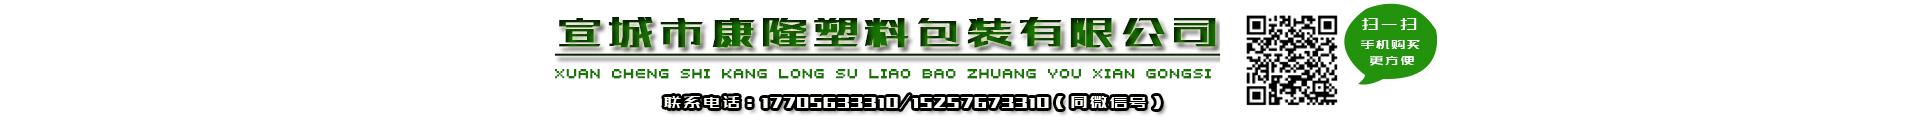 台州市華貿塑業有限公司